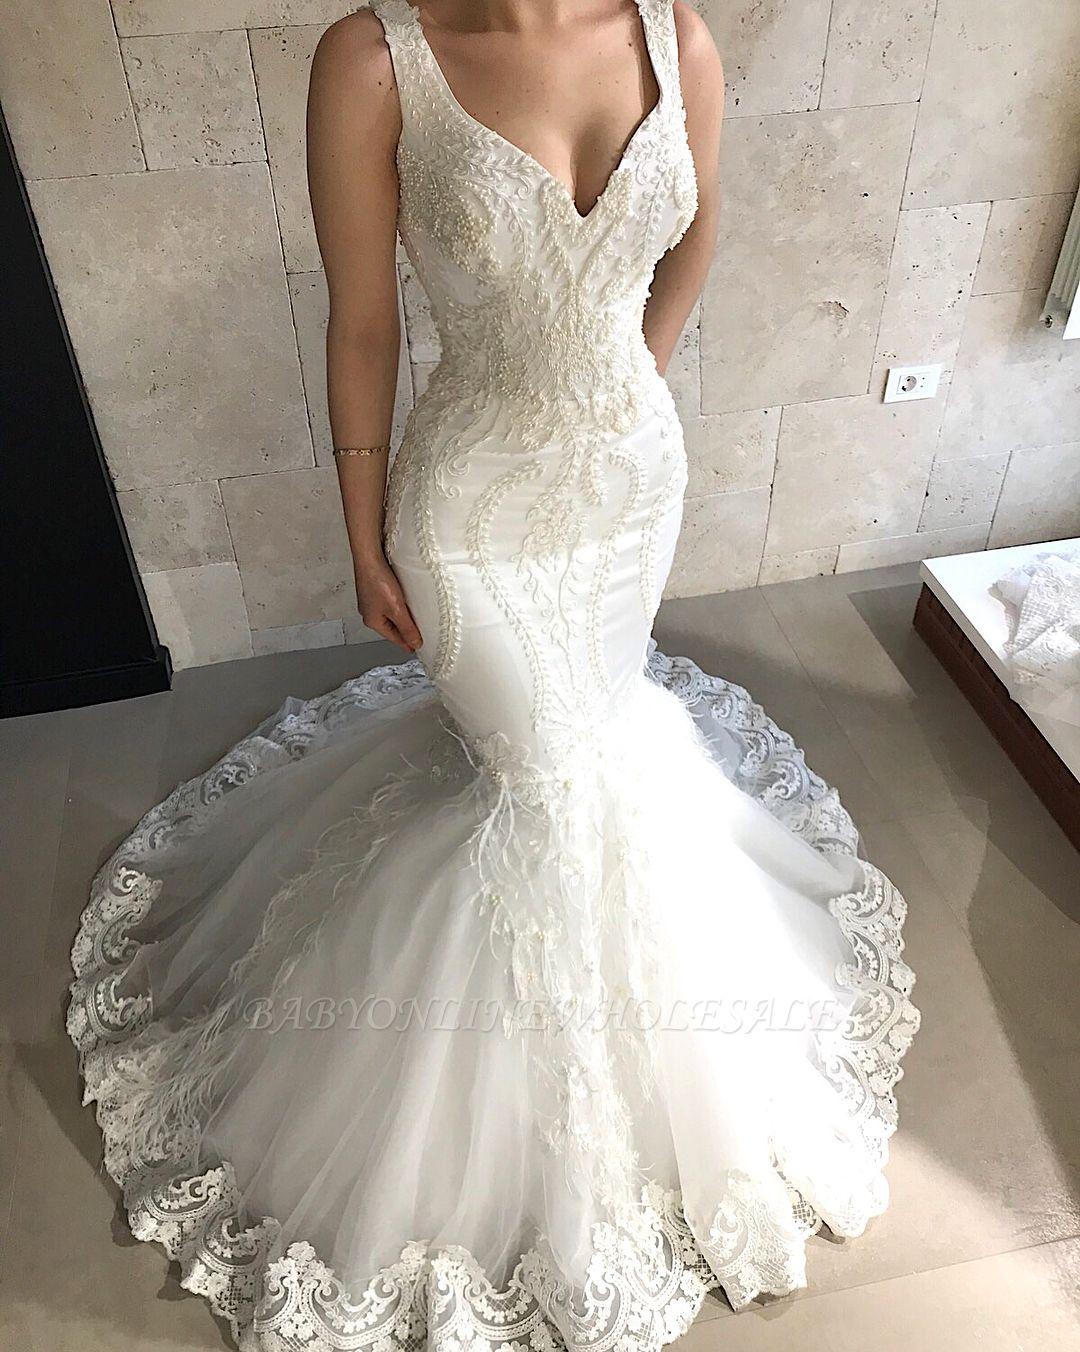 Träger Meerjungfrau Perlen Applikationen Brautkleider Günstige | Ärmellose Tüll Brautkleider 2019